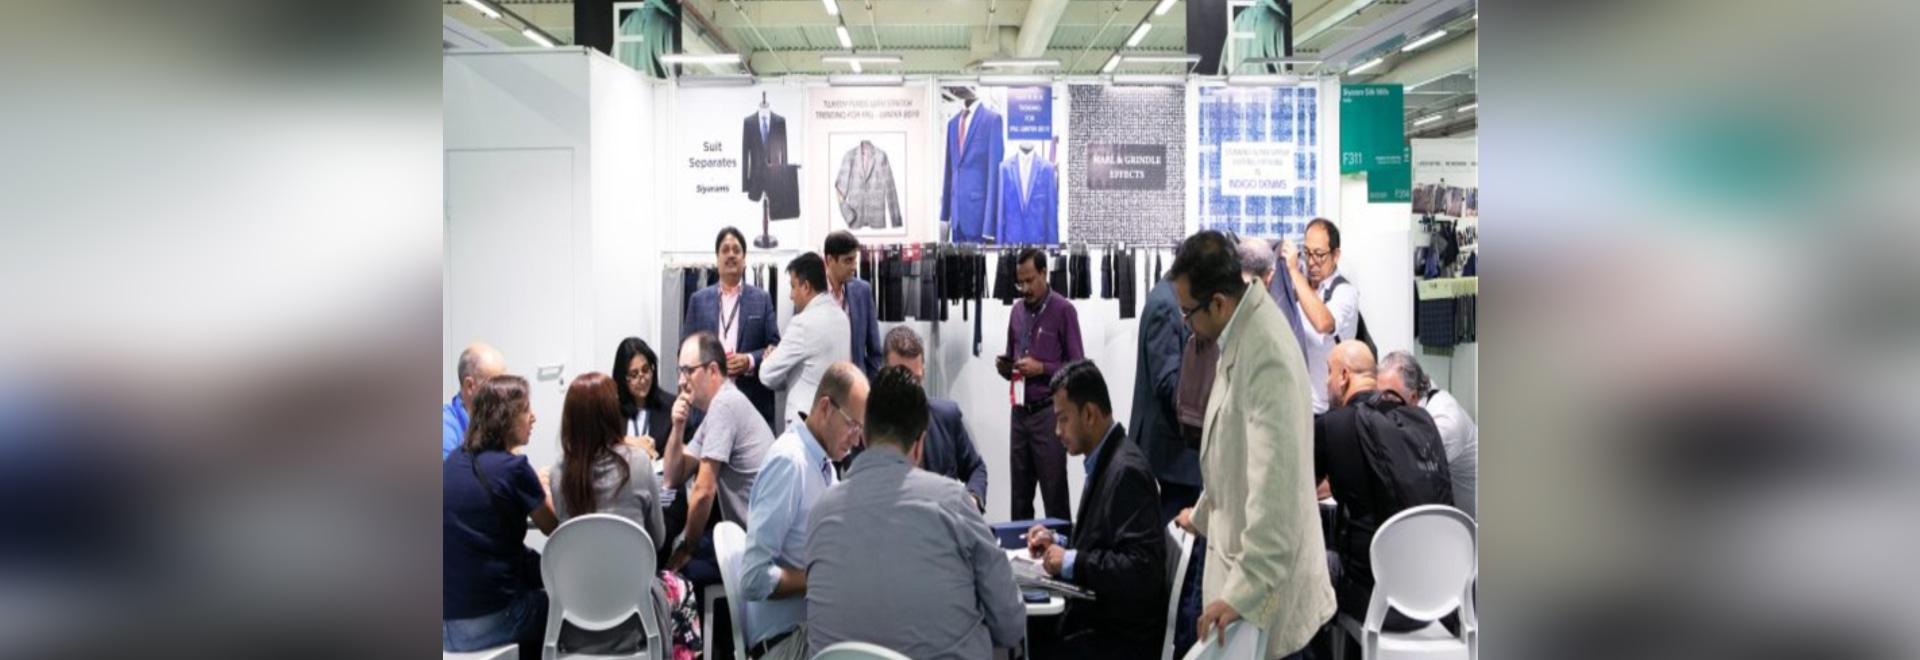 The International Fair for Fashion, meet TexWorld